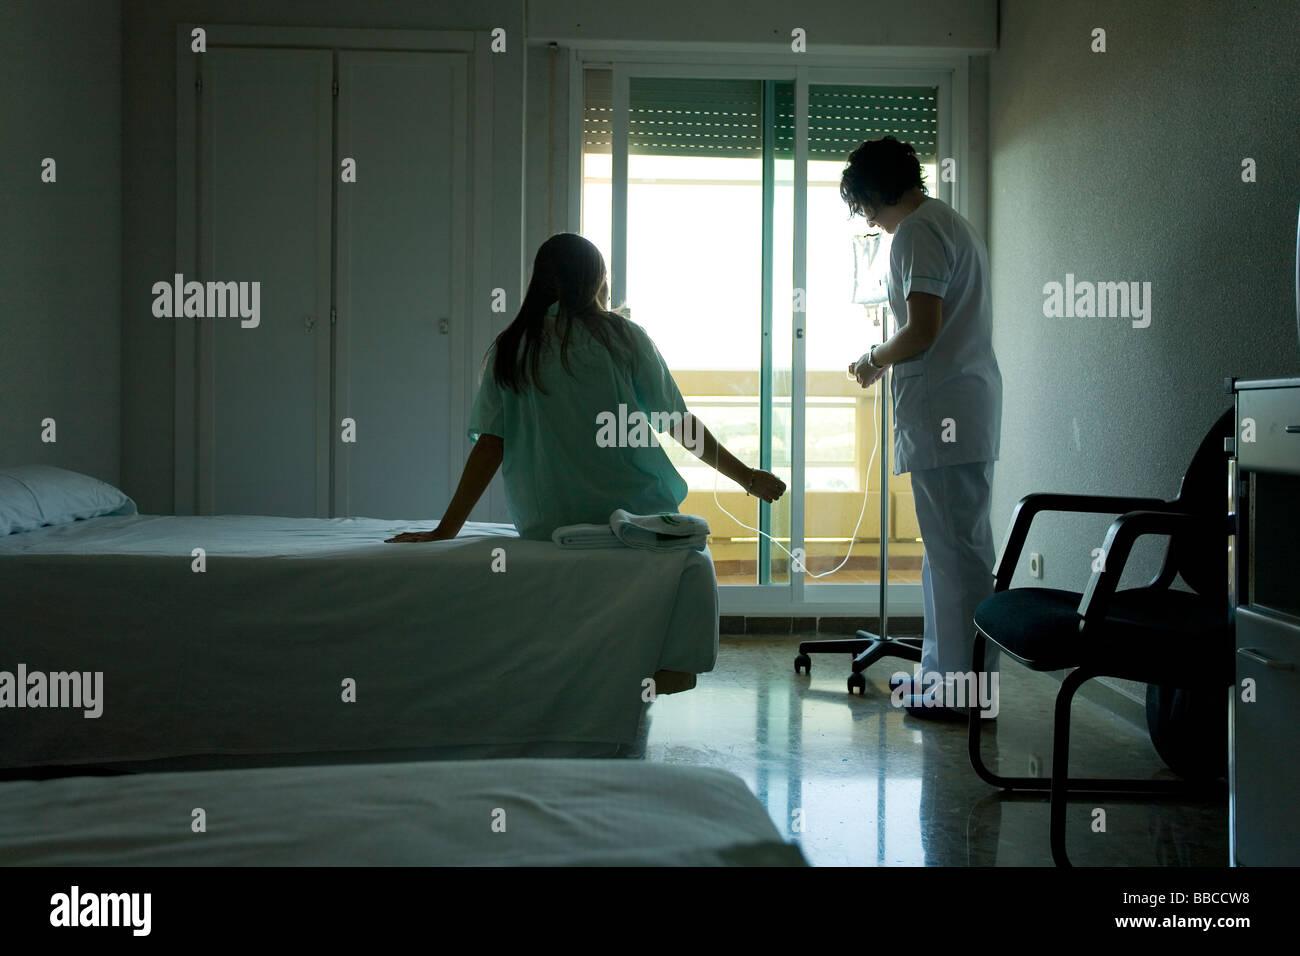 Chambre d'hôpital de l'hôpital de habitación Photo Stock